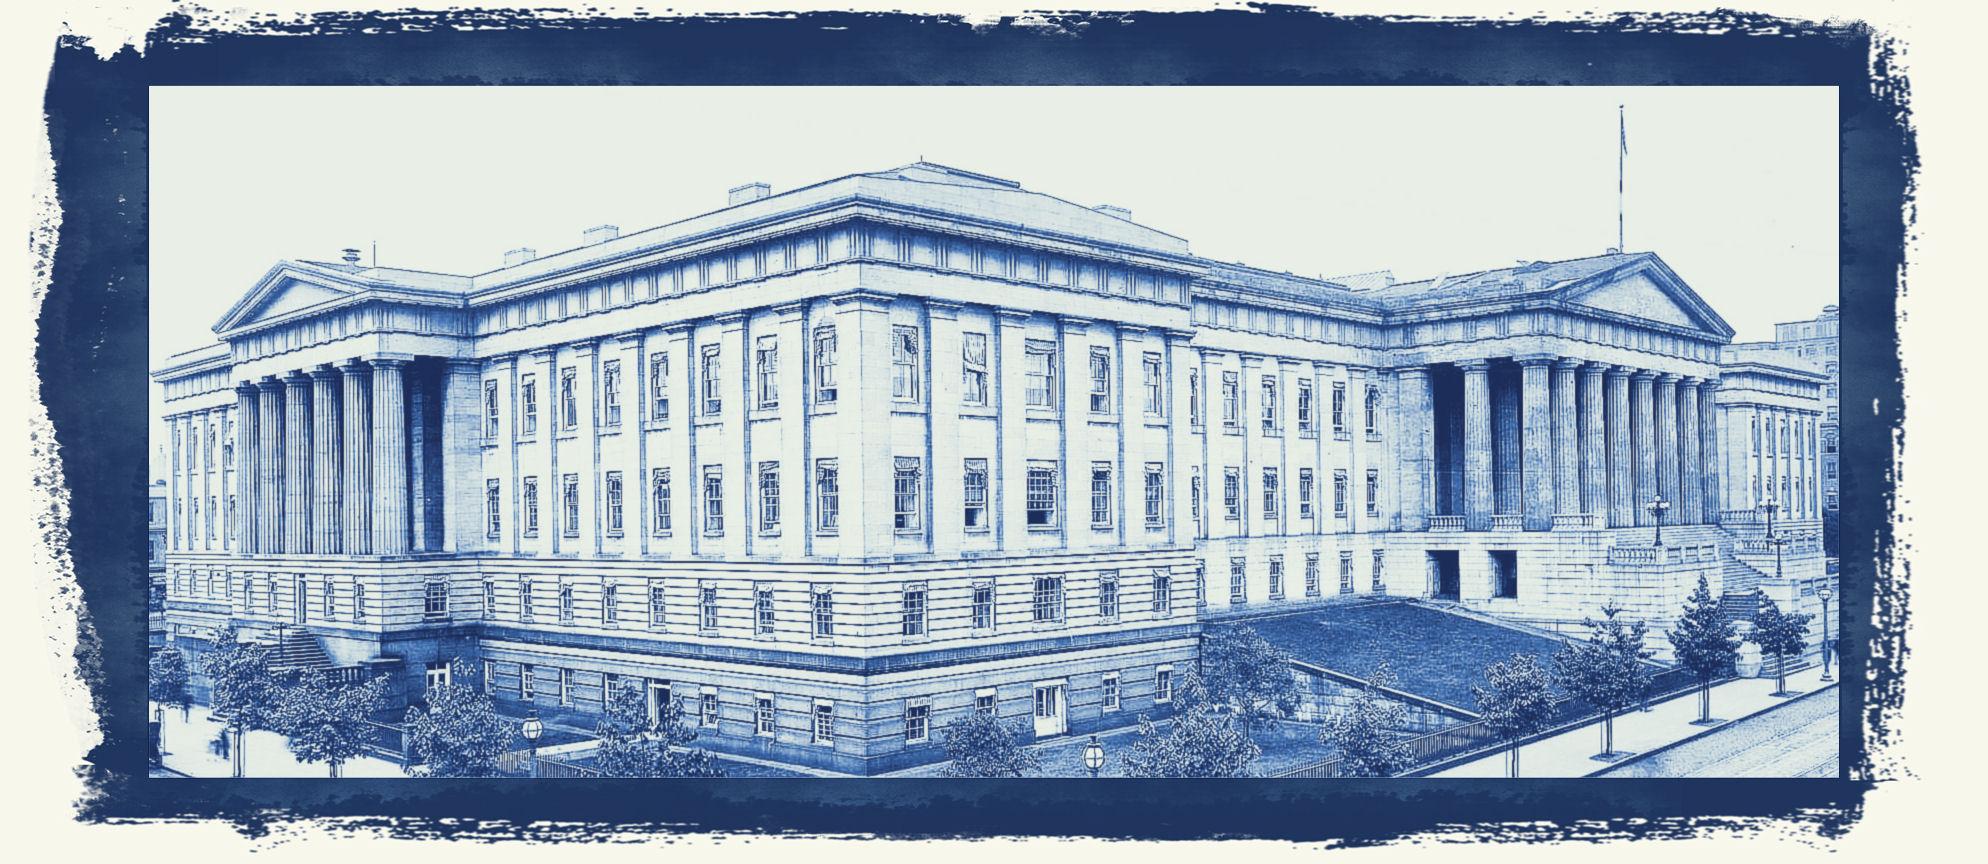 Original US Patent Office Bldg